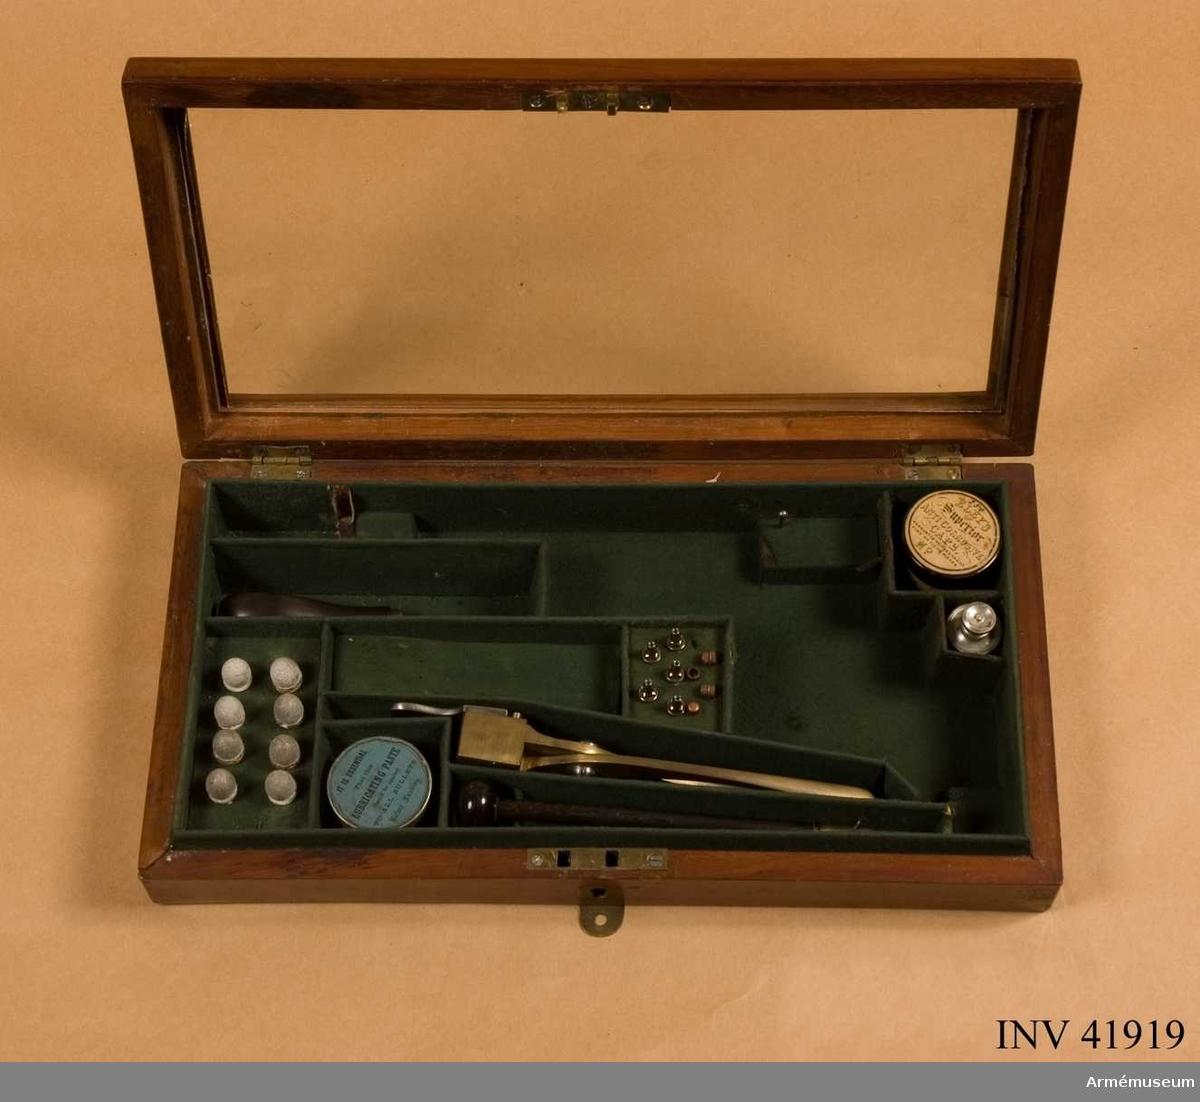 """Grupp E III. Låda med glaslock.Lådan innehåller: en kultång av mässing märkt på skänklarna med """"48"""" och """"WD"""", en """"smörjdosa"""" av aluminium, fem stycken tändhattsnipplar, fyra stycken tändhattar av koppar troligen skarpa, en läskstång av trä med mässingsända, en tändhattsnippelnyckel med rensnål i handtaget, åtta stycken blykulor (korroderade), en burk i lackerad plåt med texten: """"250 Eleys superior anti corrosive caps. warraned neihter to miss fire or fly to pieces. No. Made expressly for Webbleys patent safty pistols & revolvers"""", en plåtburk (tom) med texten: """"It is essential that this Lubricating paste should be applied to all bullets before loadning."""" Det verkar som om lådan har varit utställd tidigare då man försökt fästa innehållet med ståltråd och limmat och spikat (!) fast plåtburkarna. Glaset i locket passar dåligt och är mycket illa tillskuret, ditsatt efteråt måhända?"""